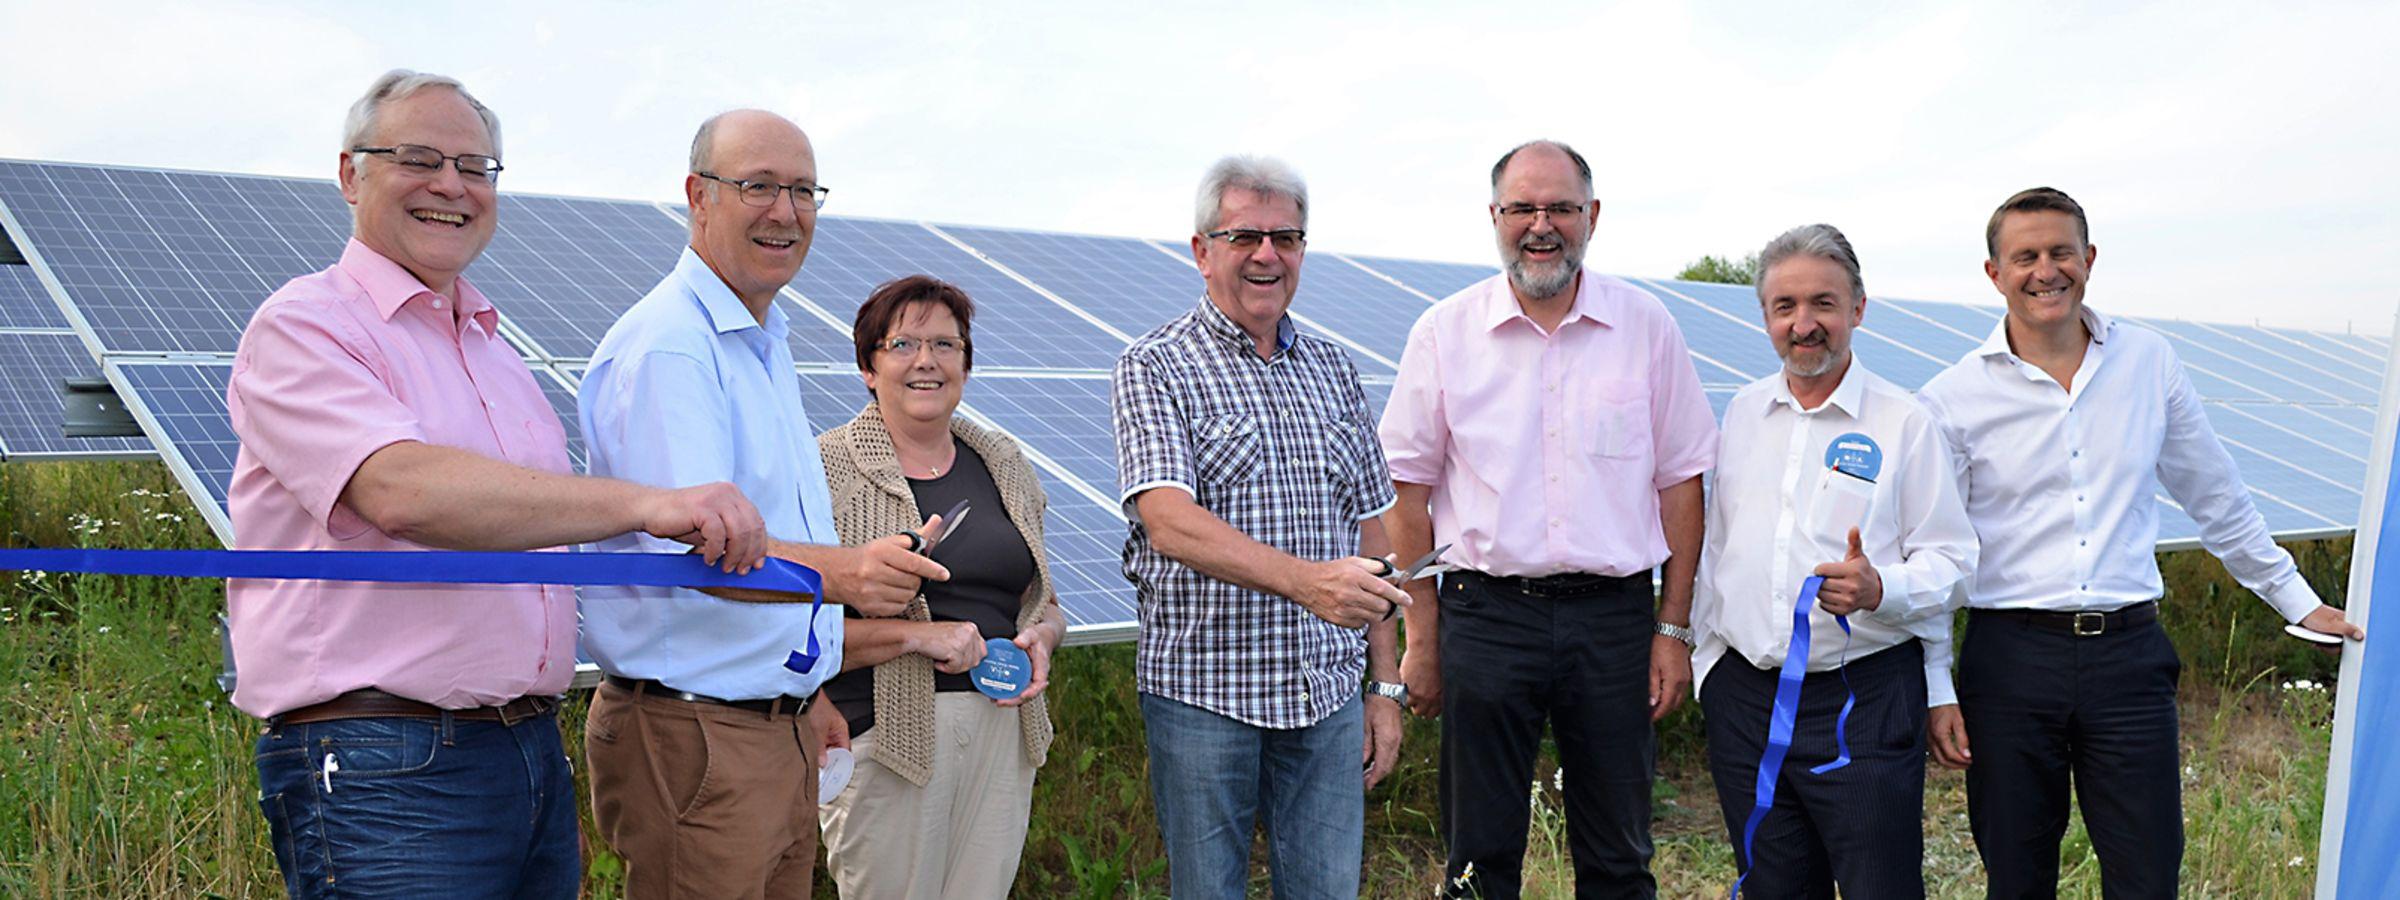 Bürgerenergie Region Regensburg e.V bei der Einweihung der Freiflächen PV-Anlage